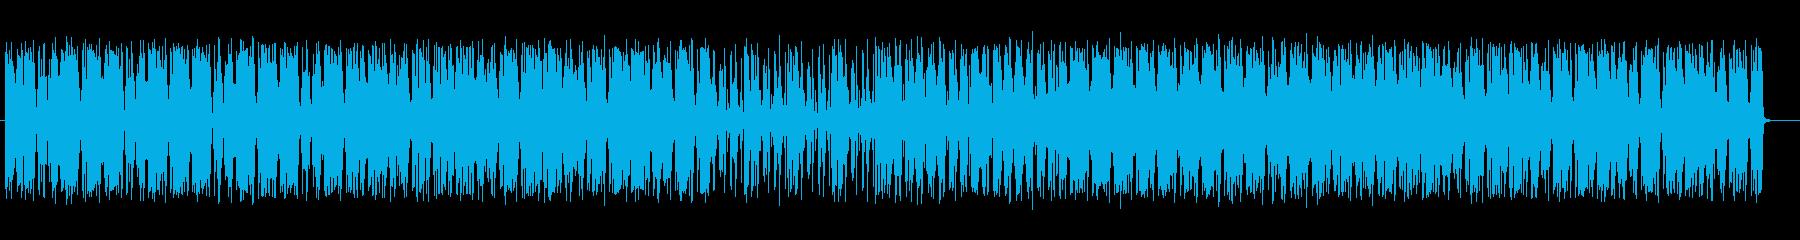 幻想的でテクニカルなテクノポップの再生済みの波形